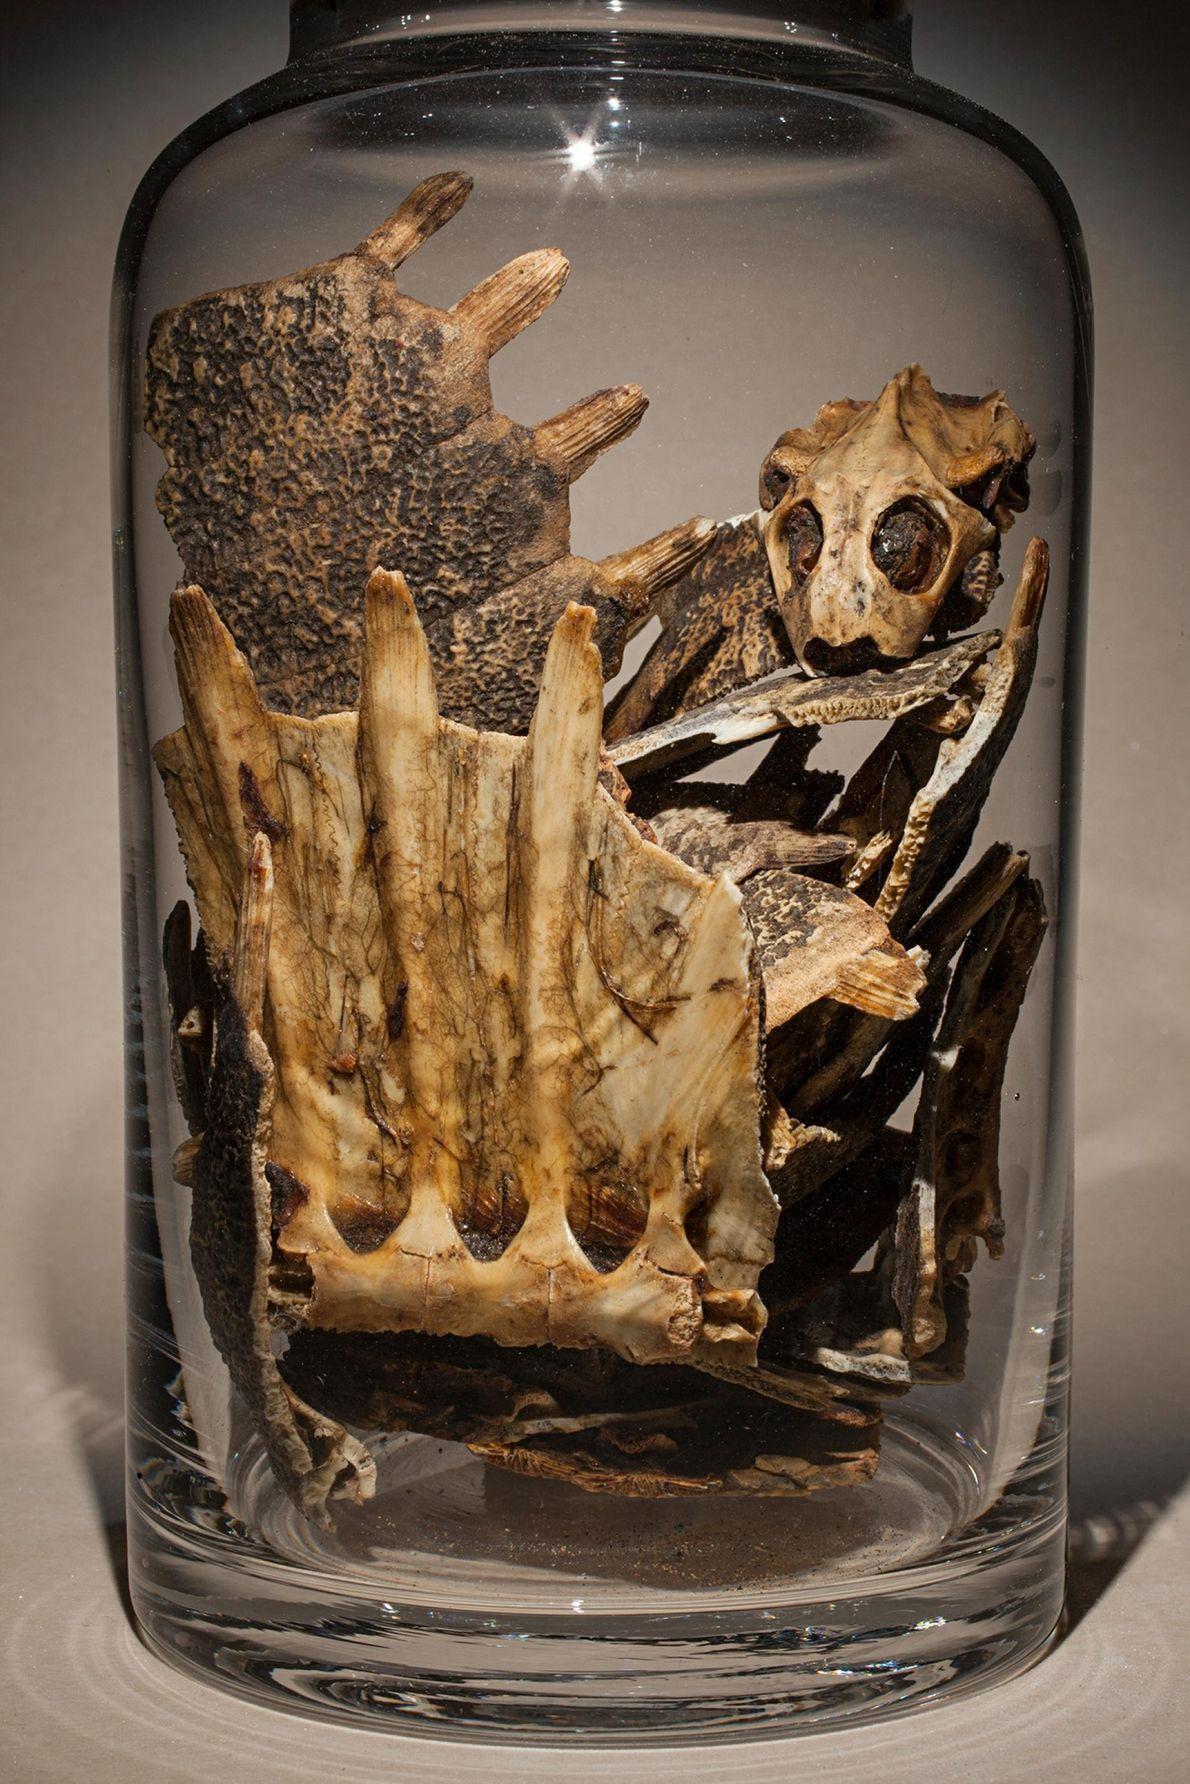 Les tortues chinoises à carapace molle sont souvent élevées en tant que ressource alimentaire et leurs ...